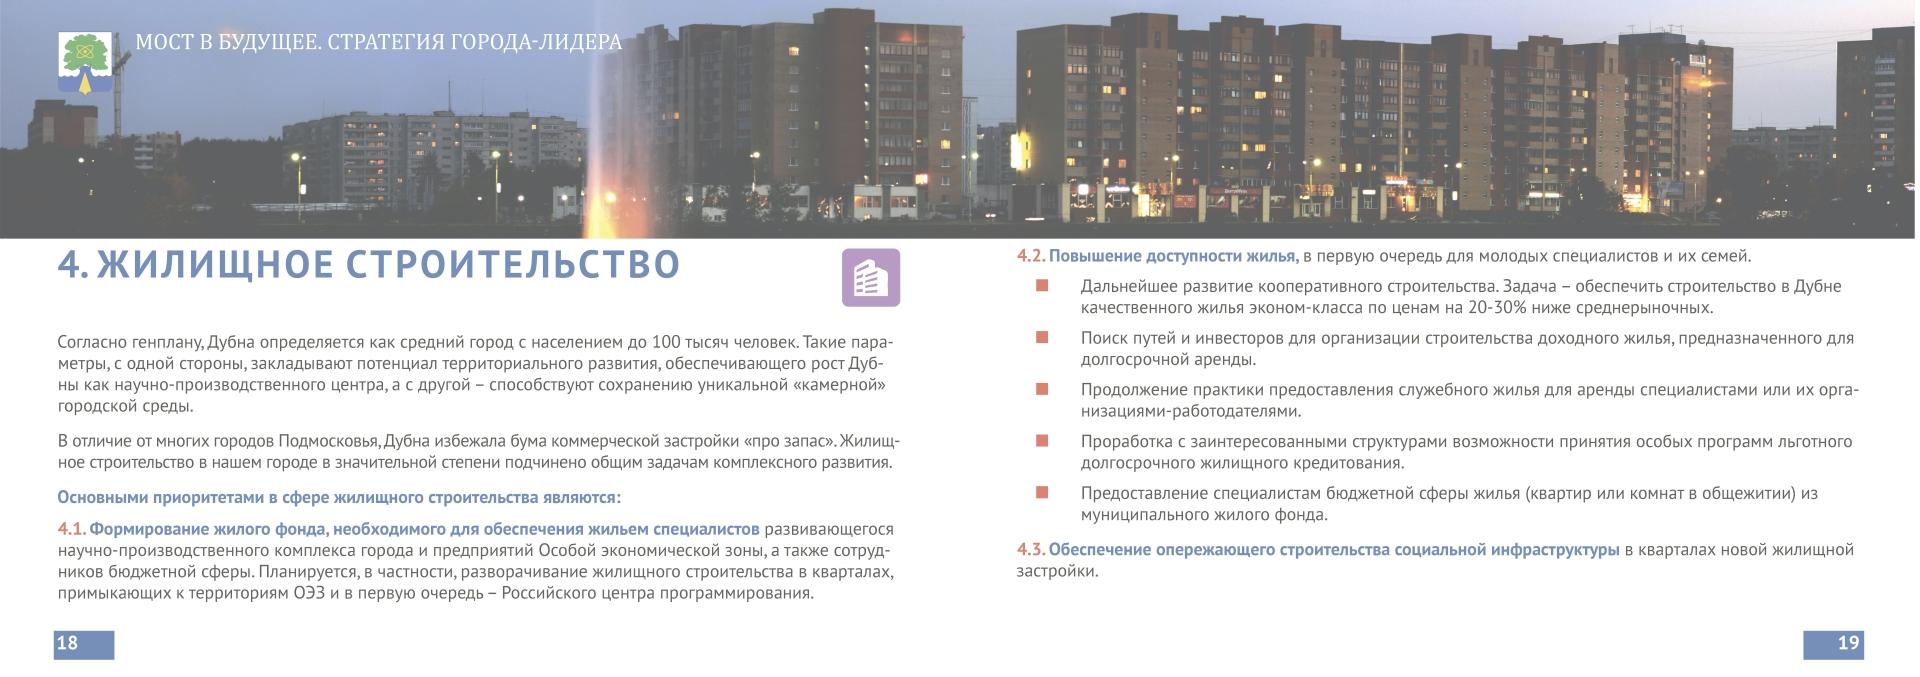 DTS_032_Страница_09